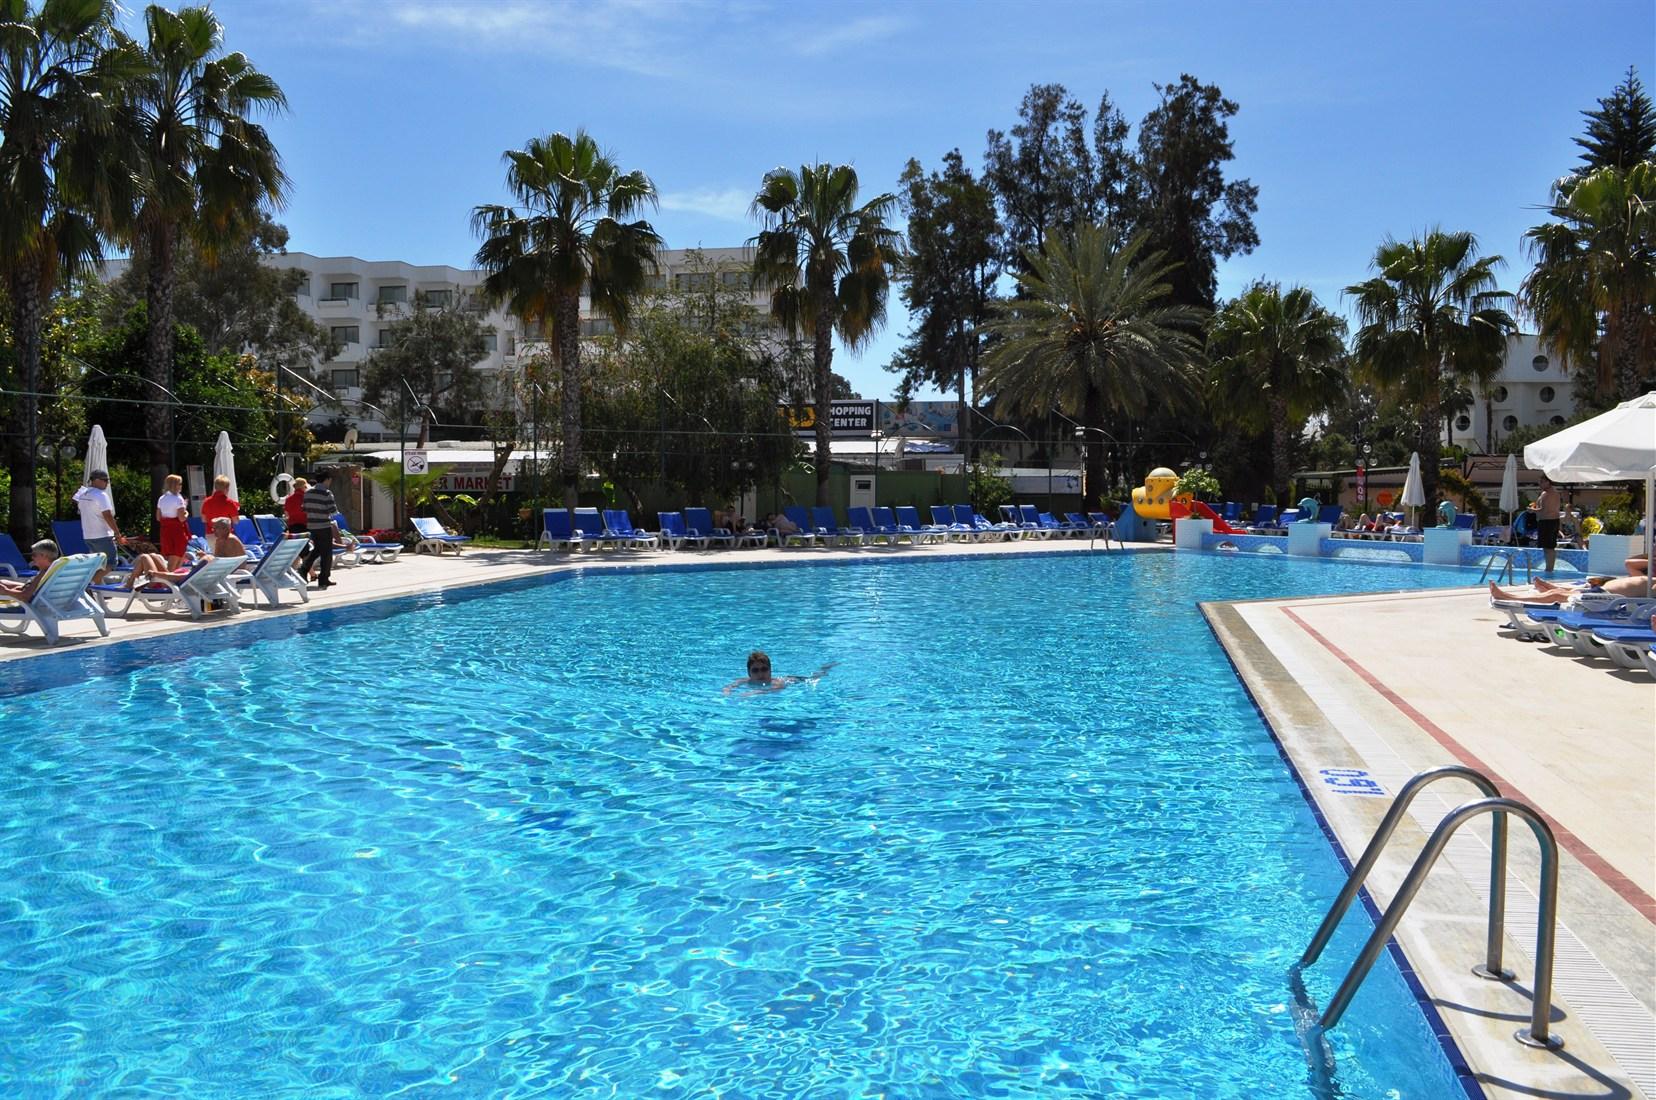 Hotel Venus - Basen w hotelu Venus